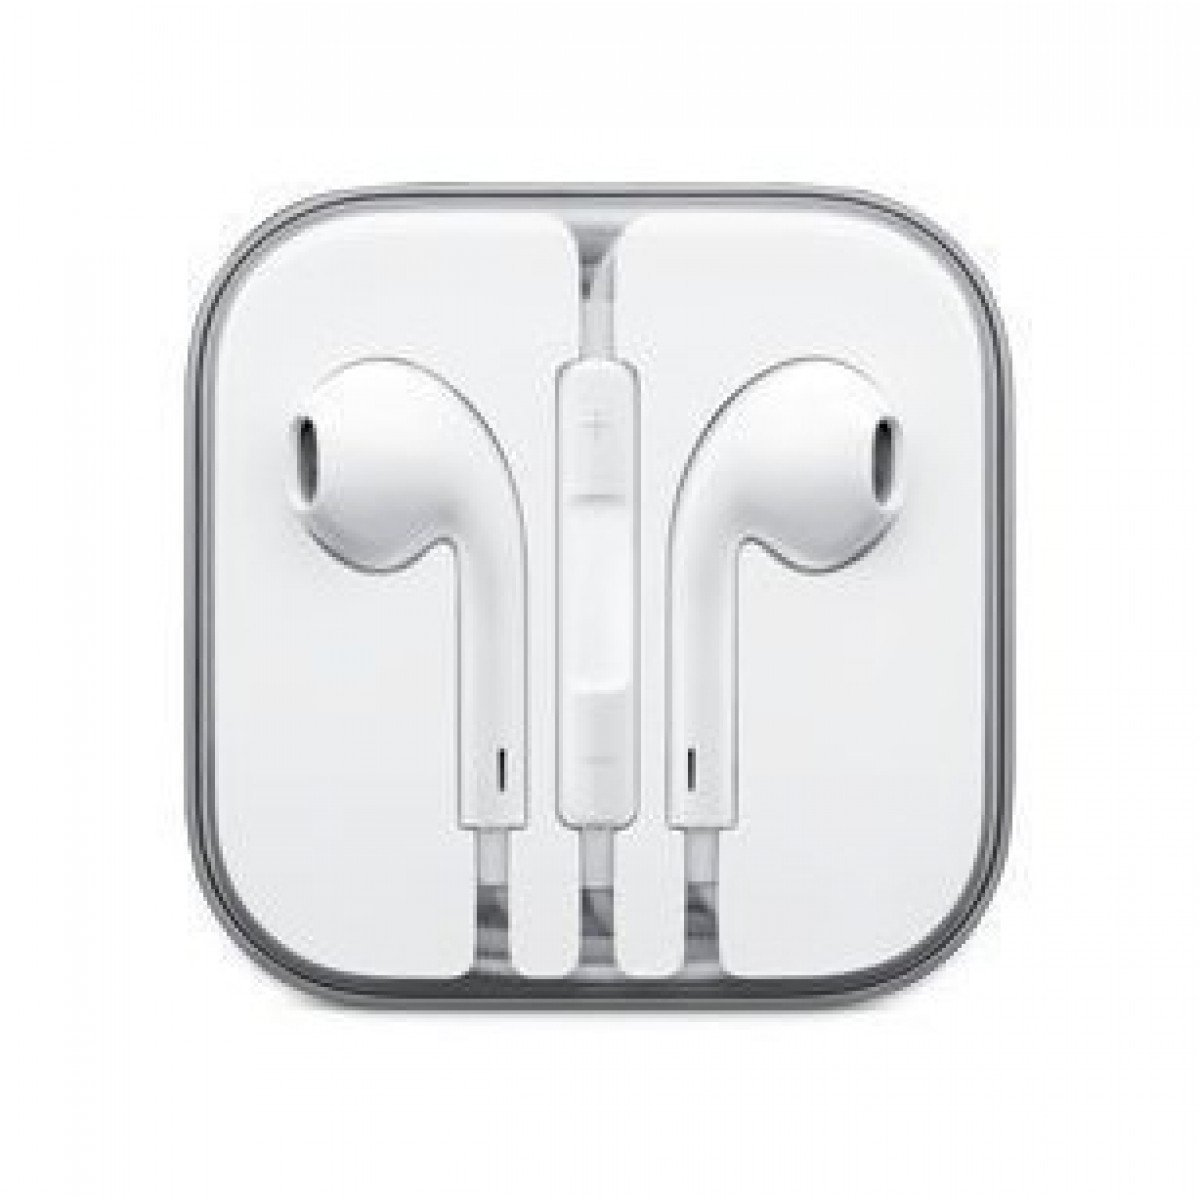 Neue Bluetooth-Kopfhörer für iPhone 7?